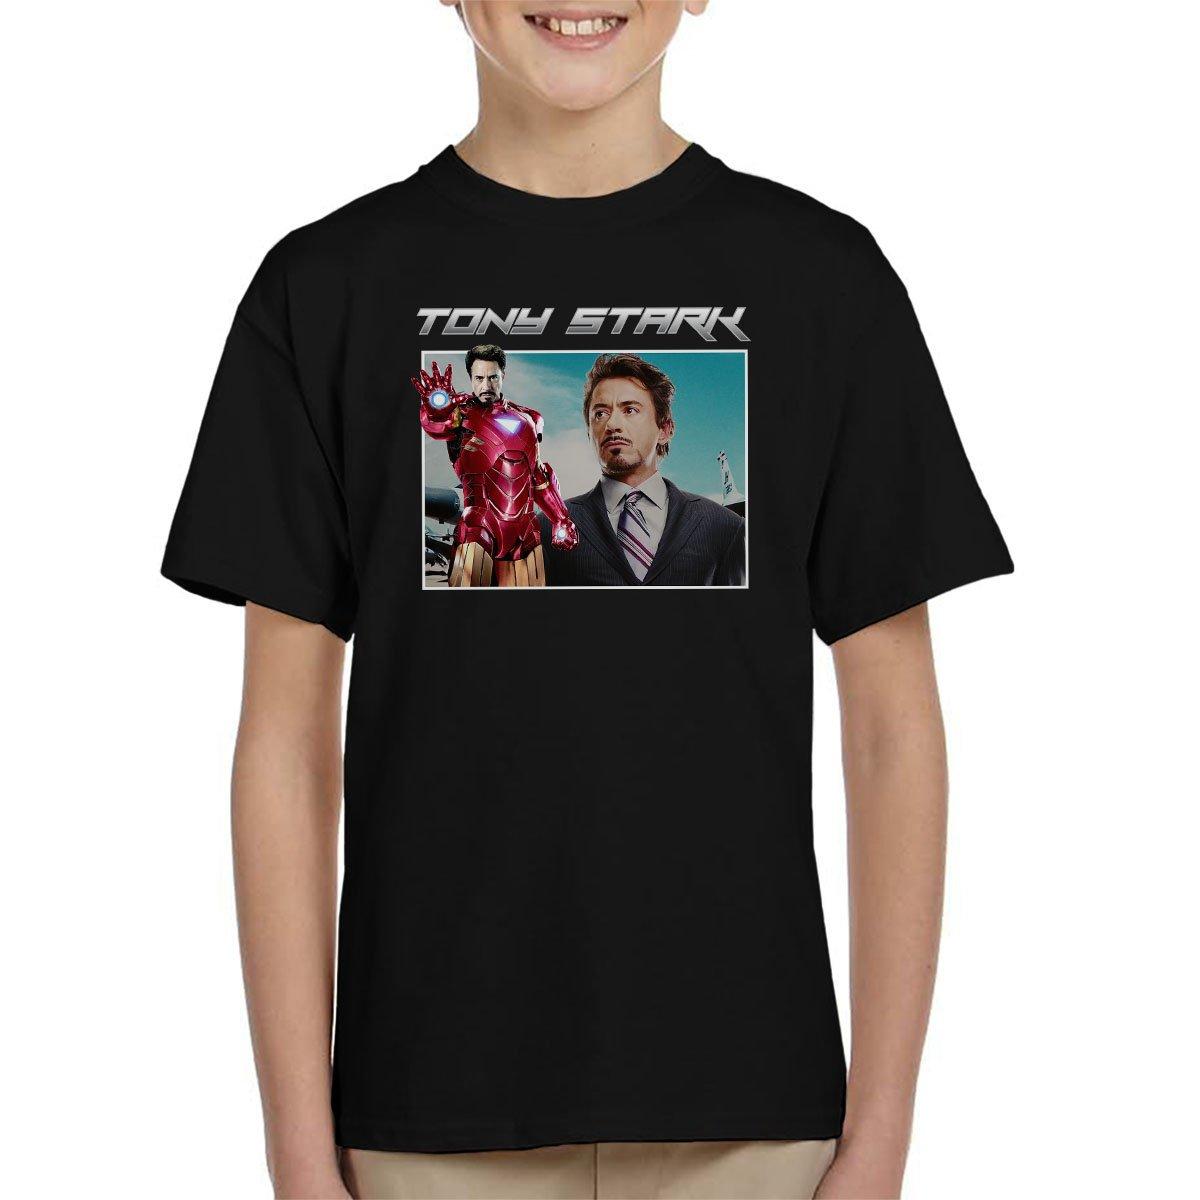 Tony Stark Tribute Montage T Shirt 4887